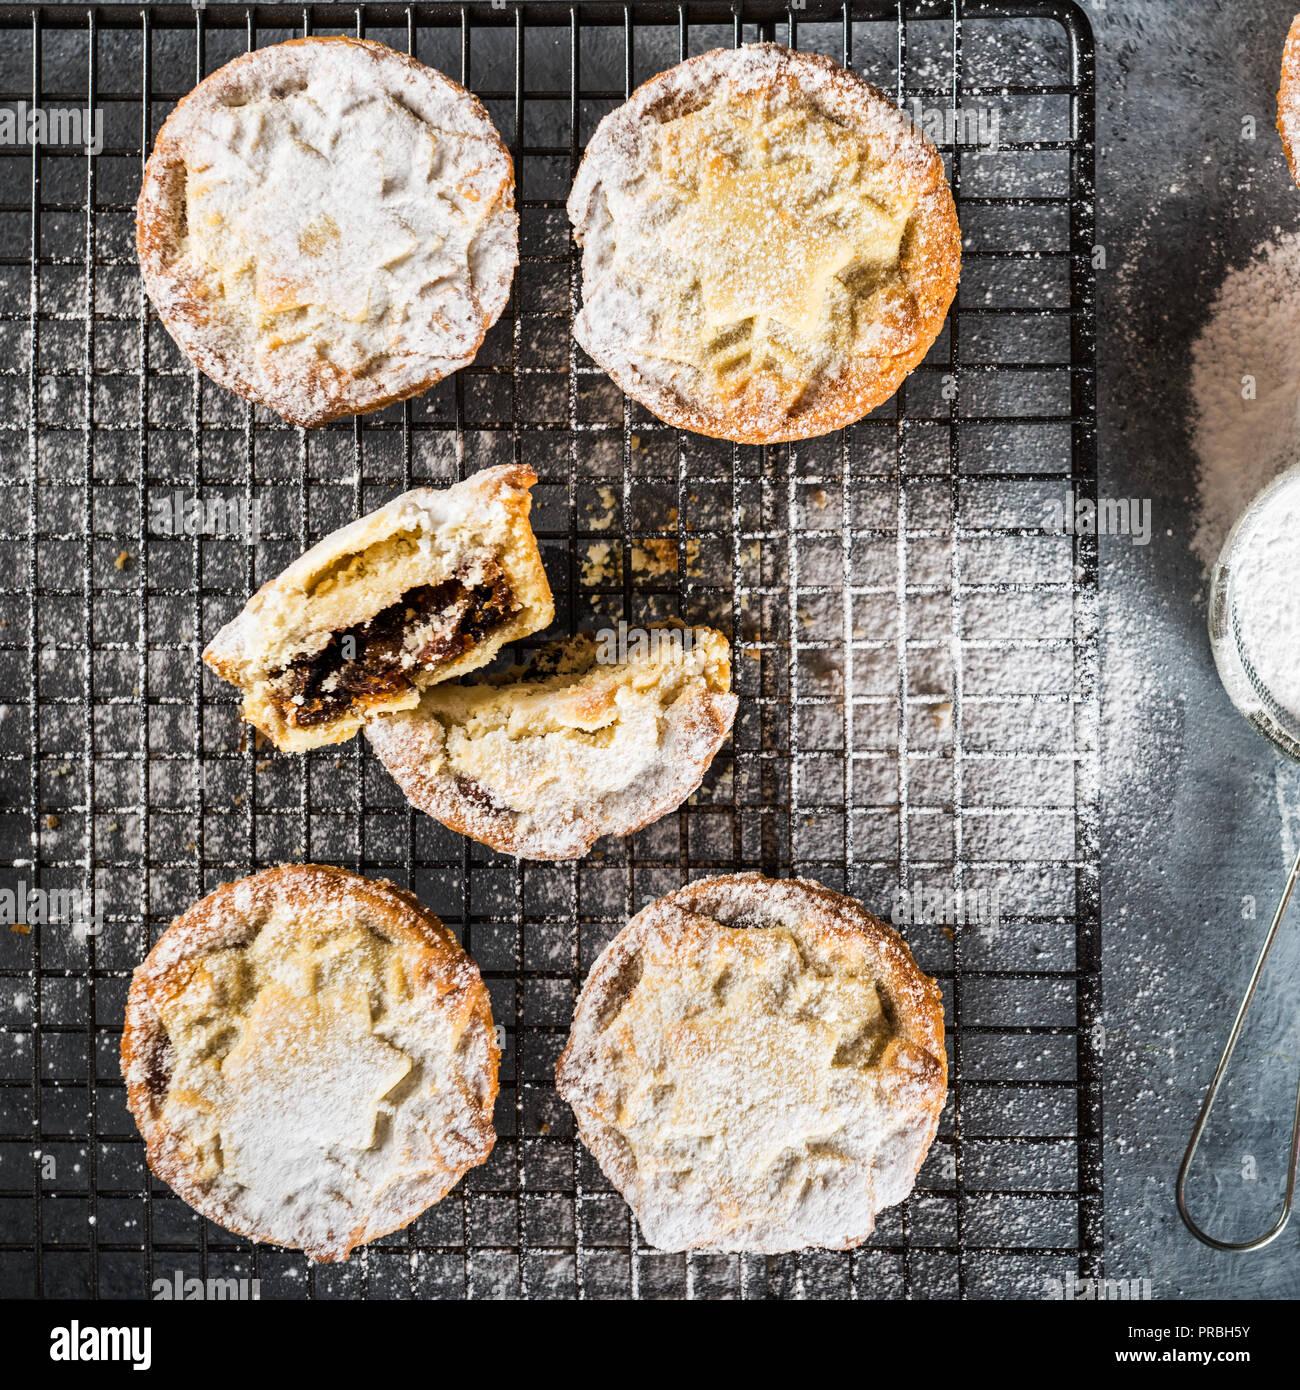 Mince Pies, traditionelle Weihnachten Lebensmittel aus allen Butter mürbteig Gebäck Torten tiefe gefüllt mit pralle Reben Früchte, wie Preiselbeeren, Clementine Stockfoto